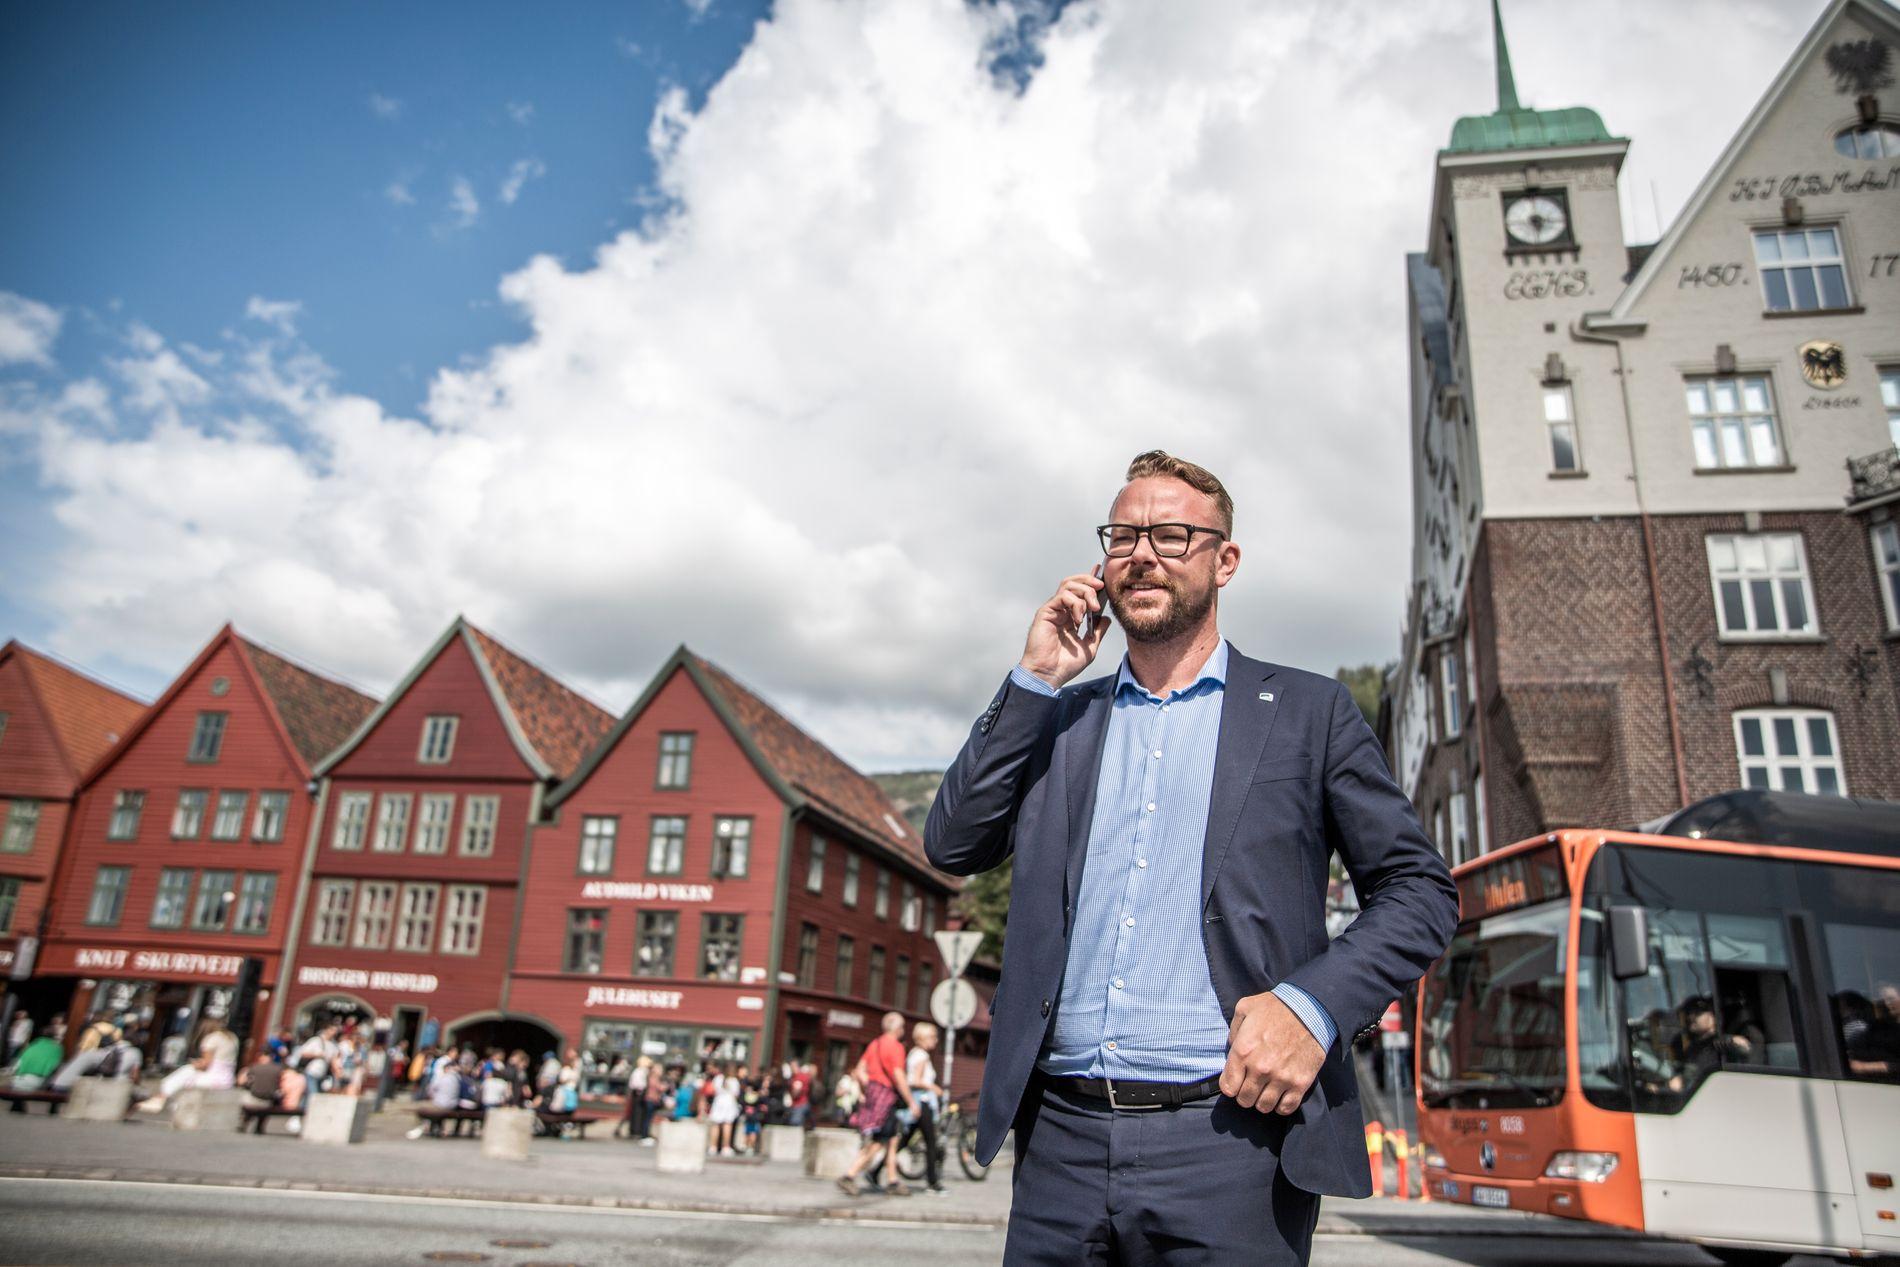 INGEN BYBANE HER: Høyres Harald Victor Hove vil jobbe for å få Bybanen i tunnel utenom Bryggen, hvis han får makt etter valget. Hver gang han sier det, skyver han Venstre lenger fra seg.